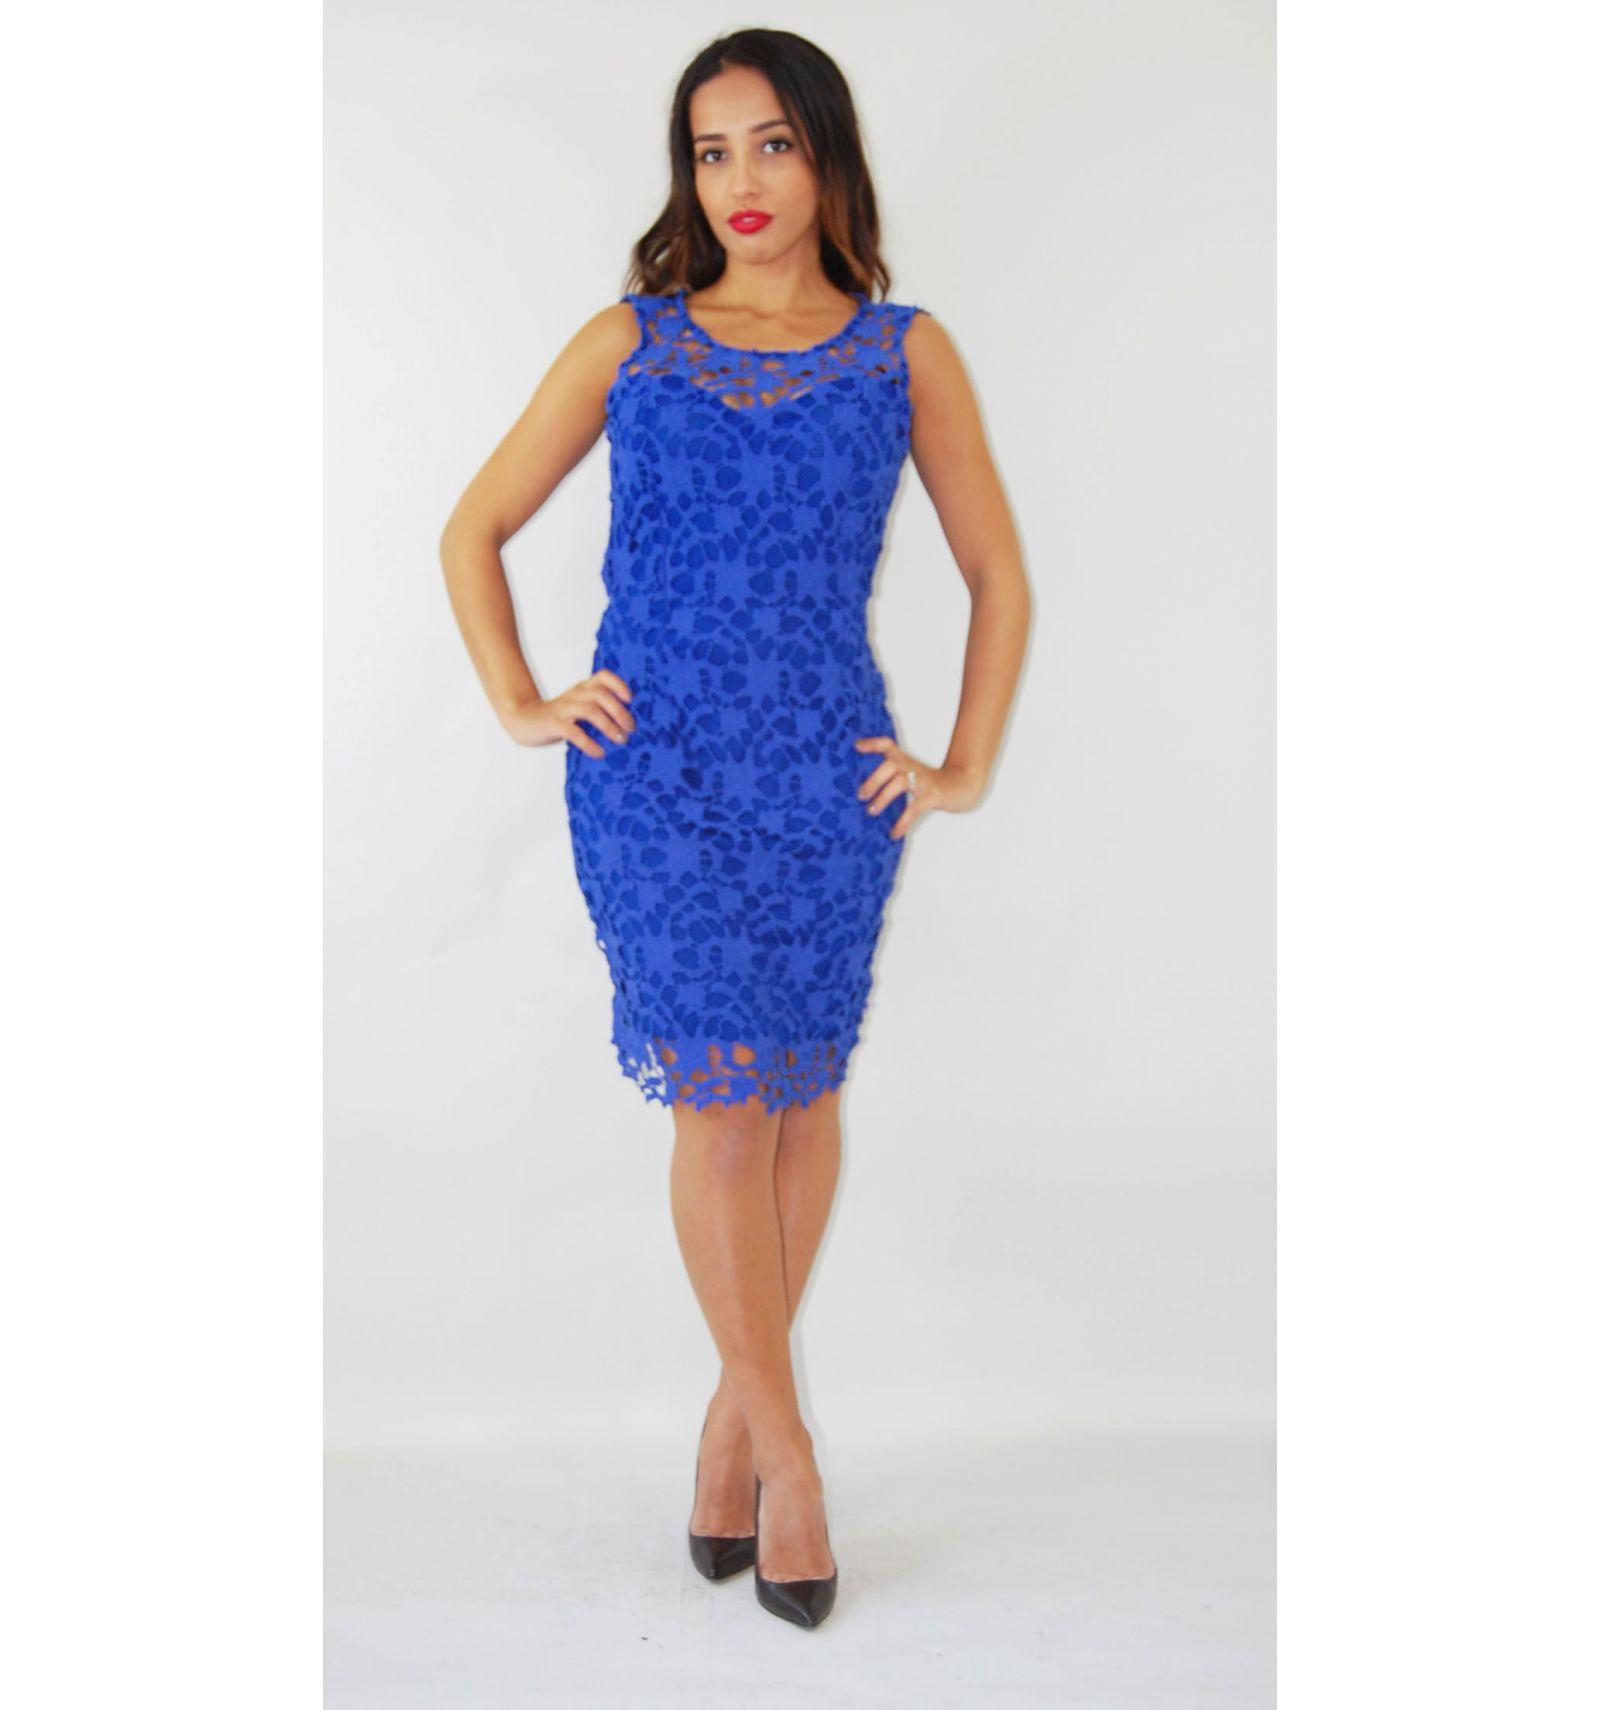 kaufen sie ein billiges blue lace kleid mit spitze. Black Bedroom Furniture Sets. Home Design Ideas